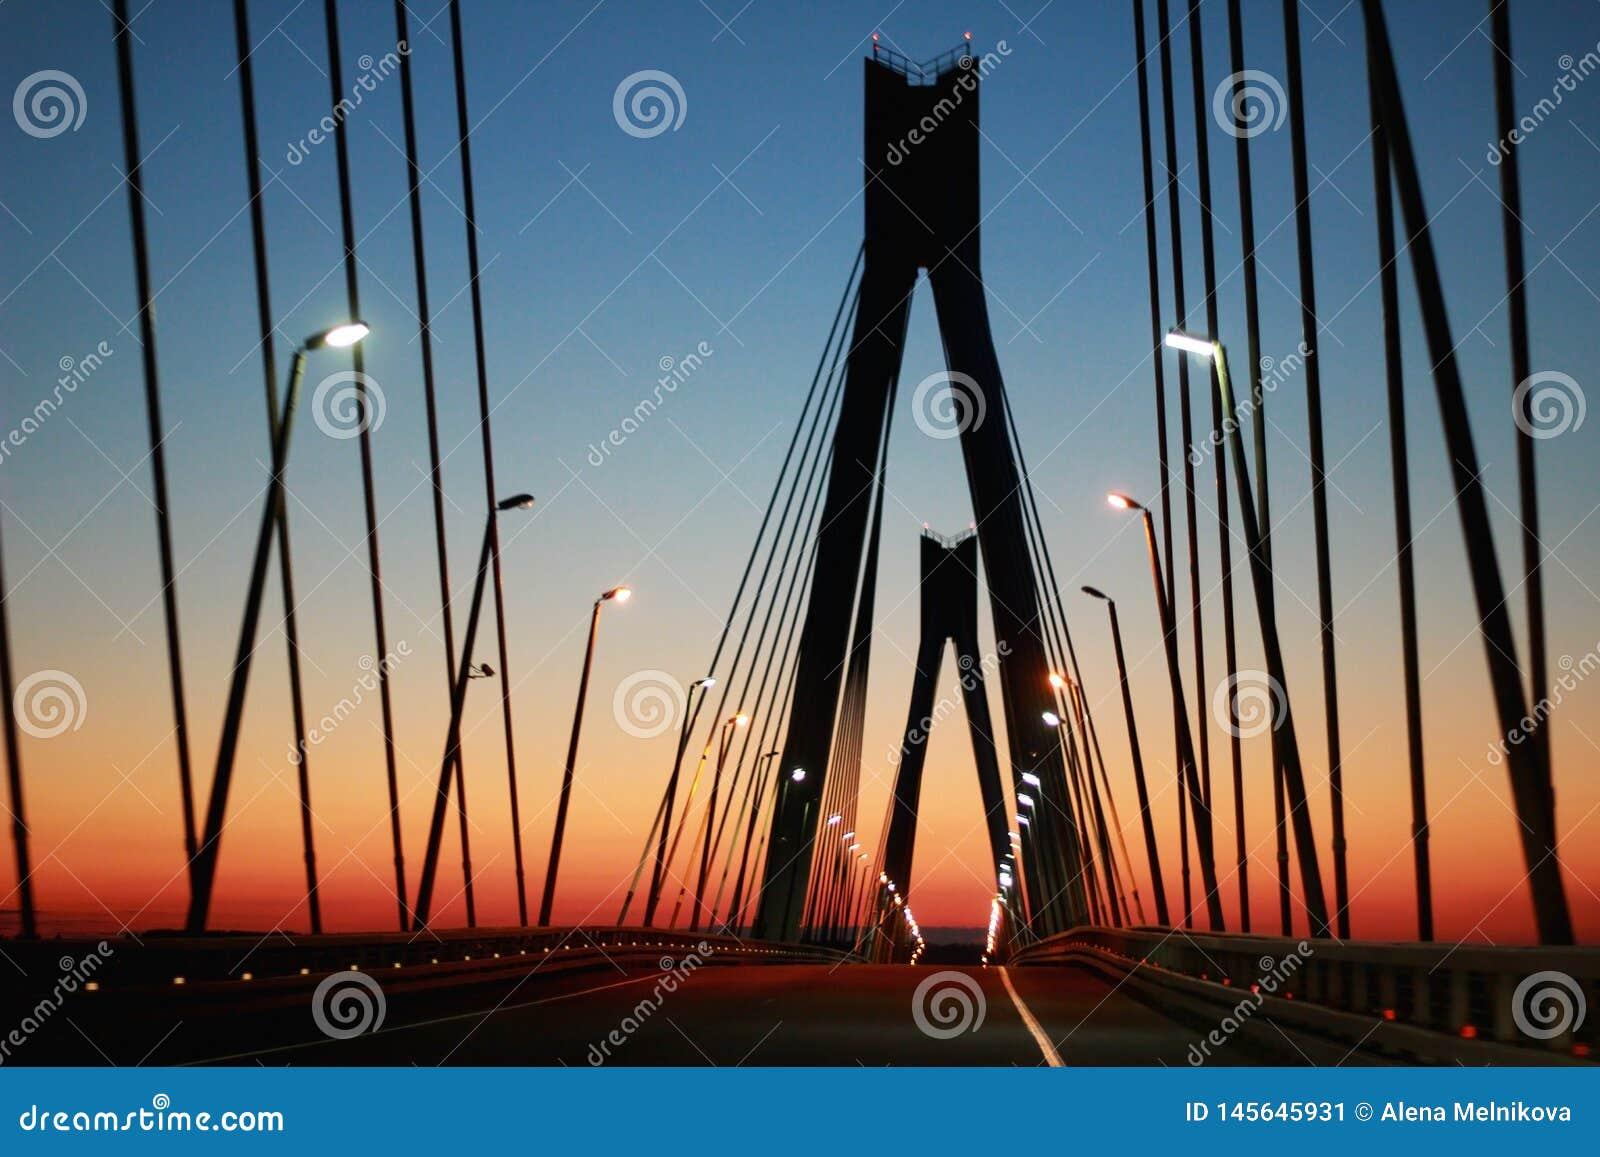 Η σκιαγραφία της γέφυρας ενάντια στον ουρανό βραδιού